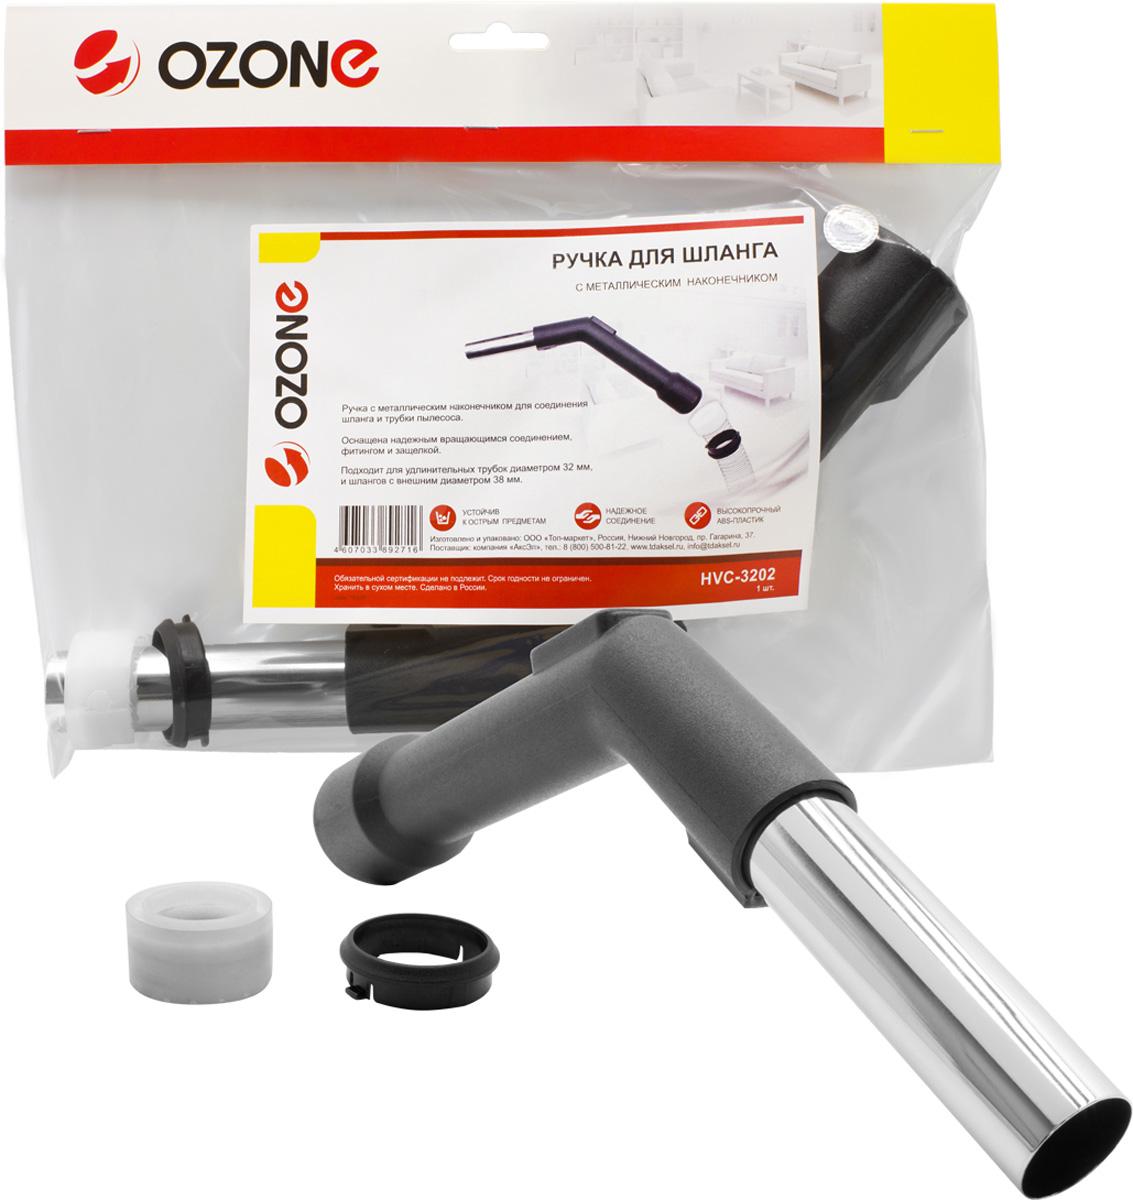 Ozone HVC-3202 ручка для шланга пылесоса с металлическим наконечником цены